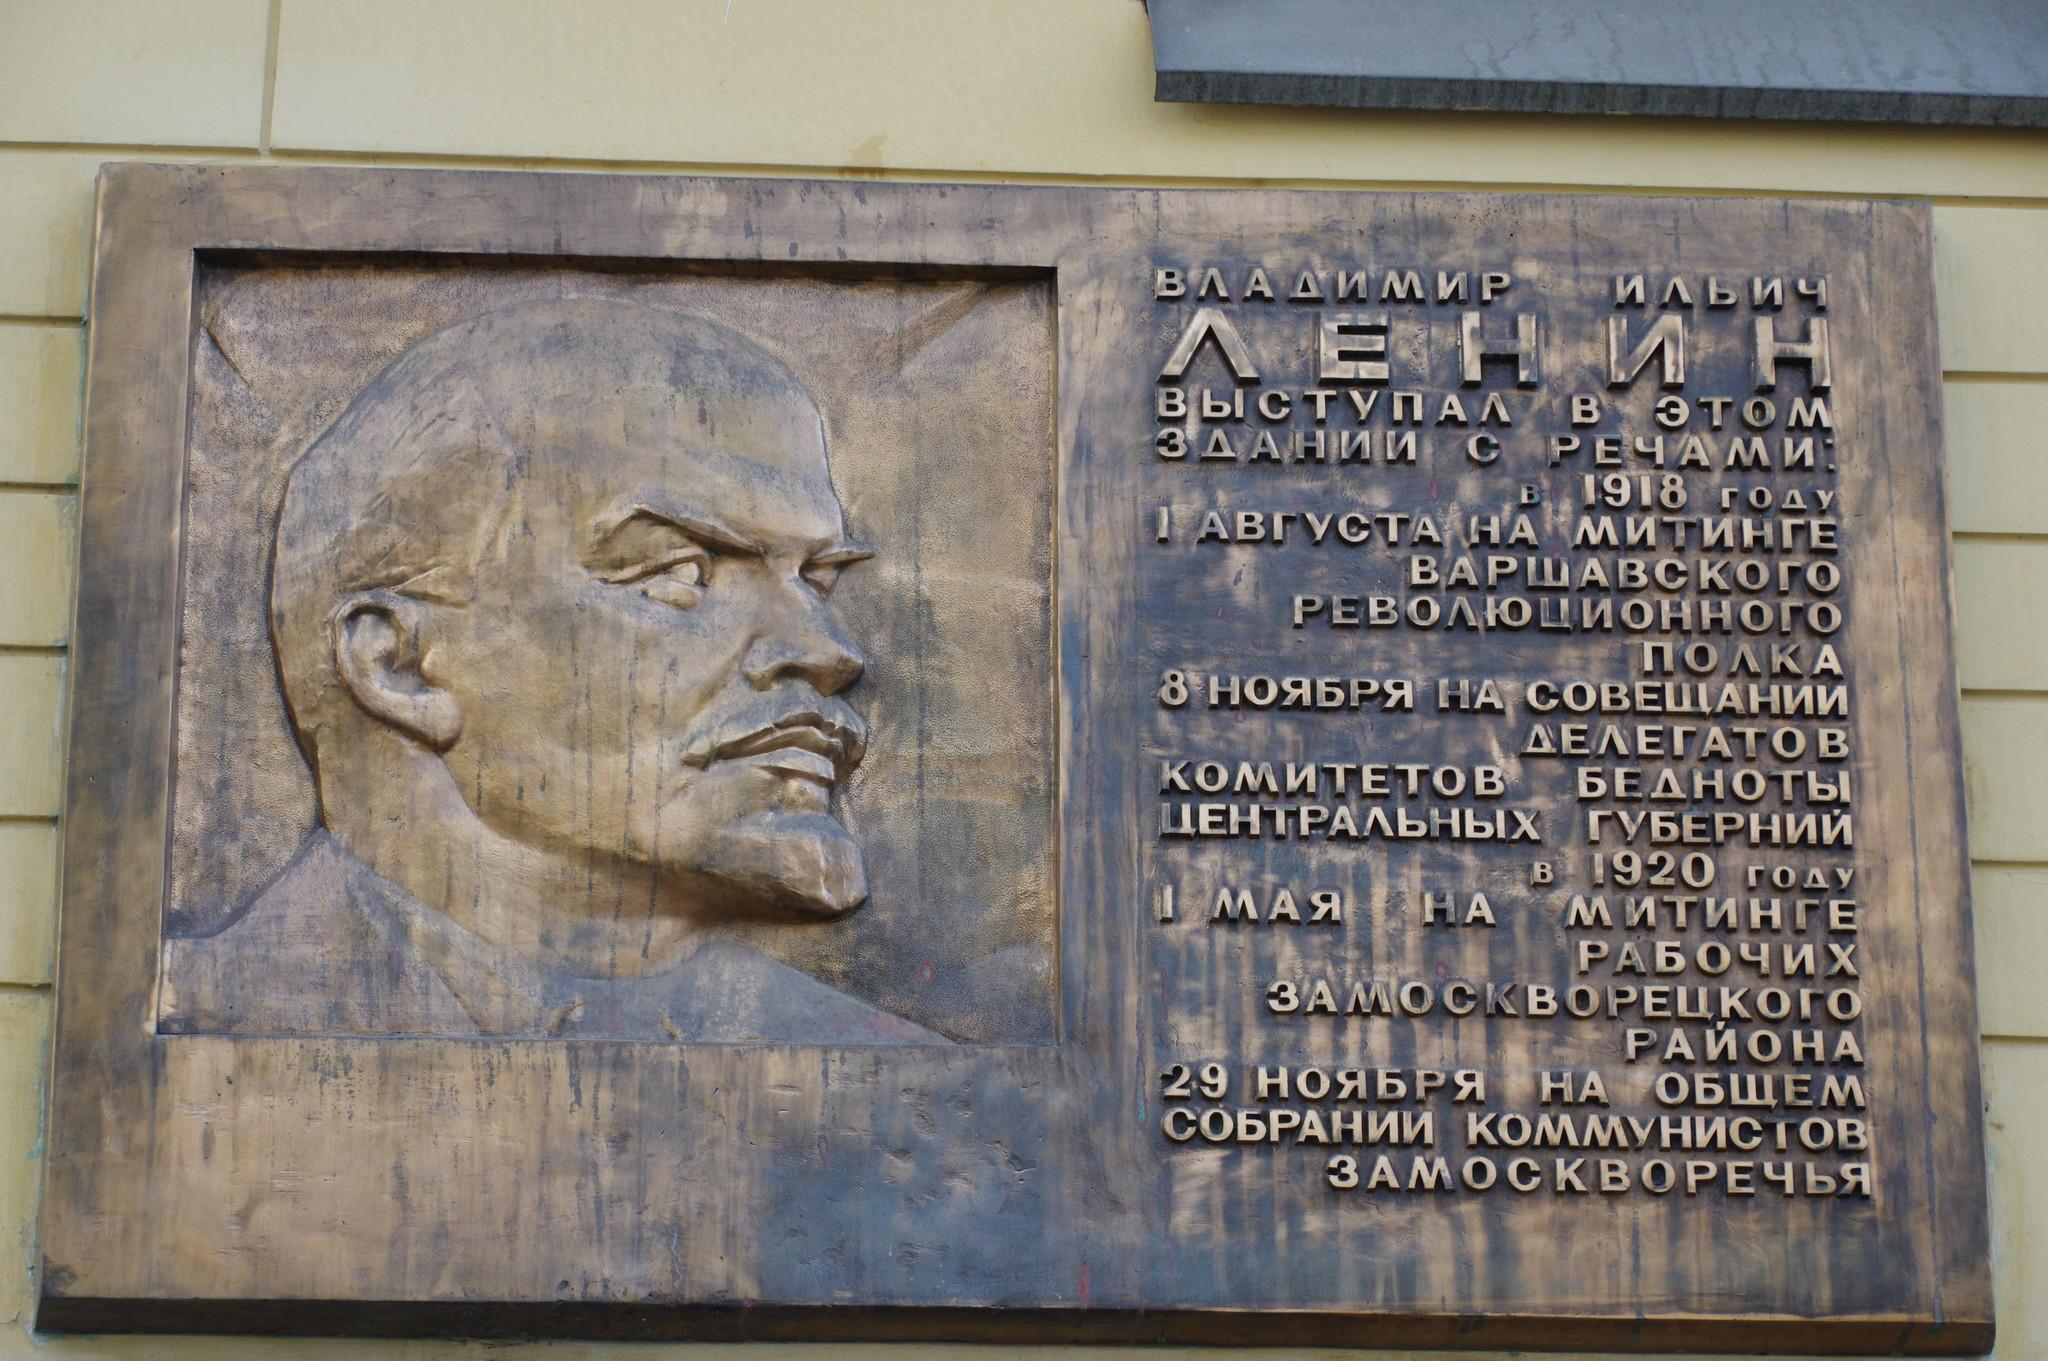 Памятная доска на фасаде I учебного корпуса РЭУ им. Г.В. Плеханова (Стремянный переулок, дом 28, строение 1)